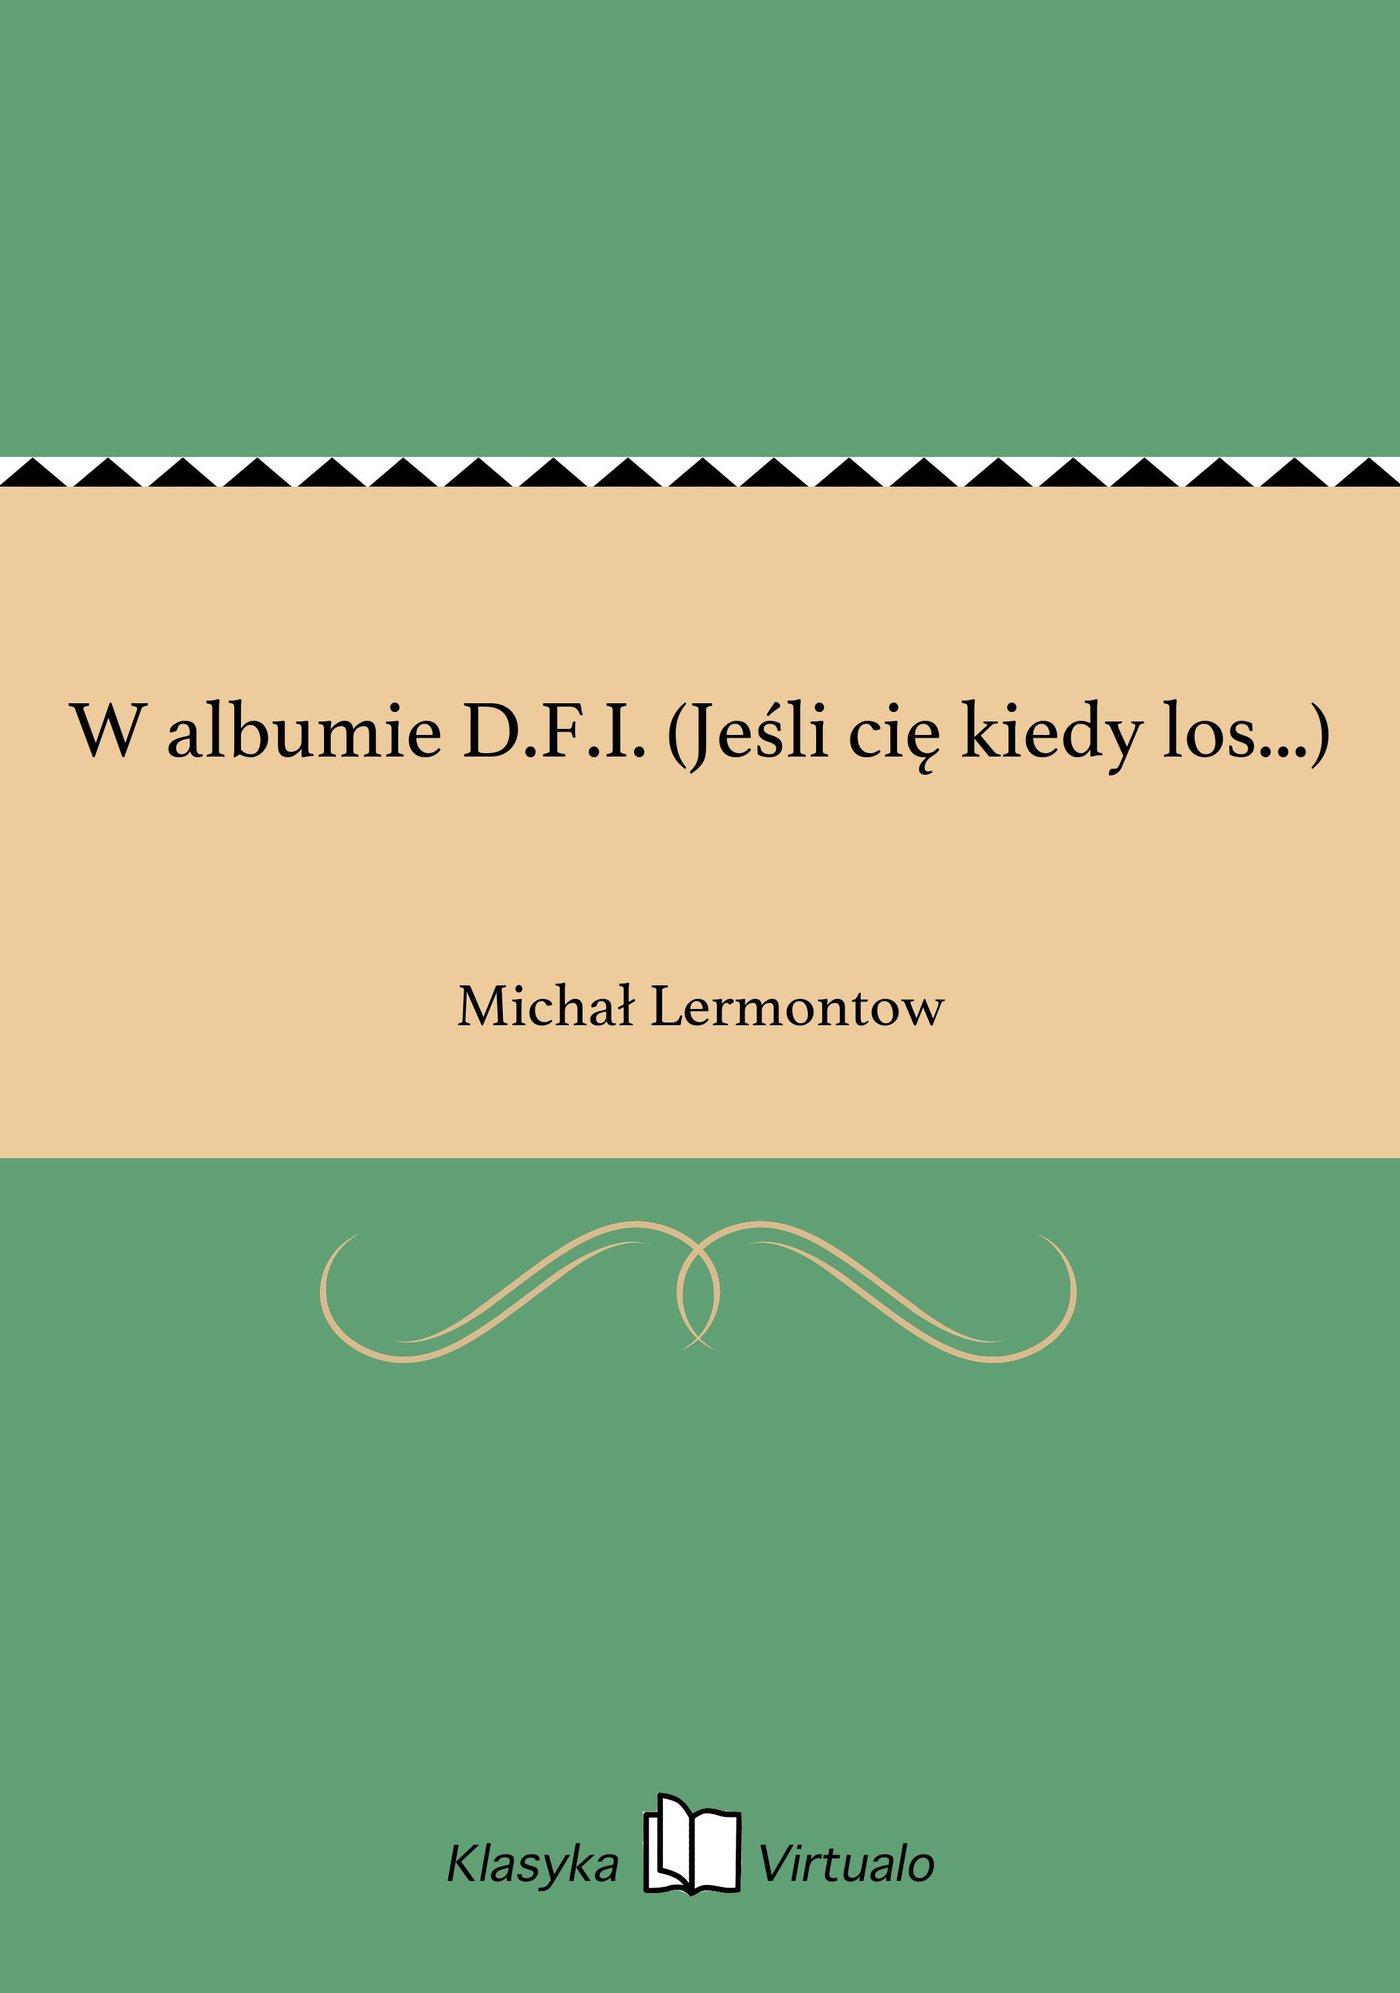 W albumie D.F.I. (Jeśli cię kiedy los...) - Ebook (Książka EPUB) do pobrania w formacie EPUB